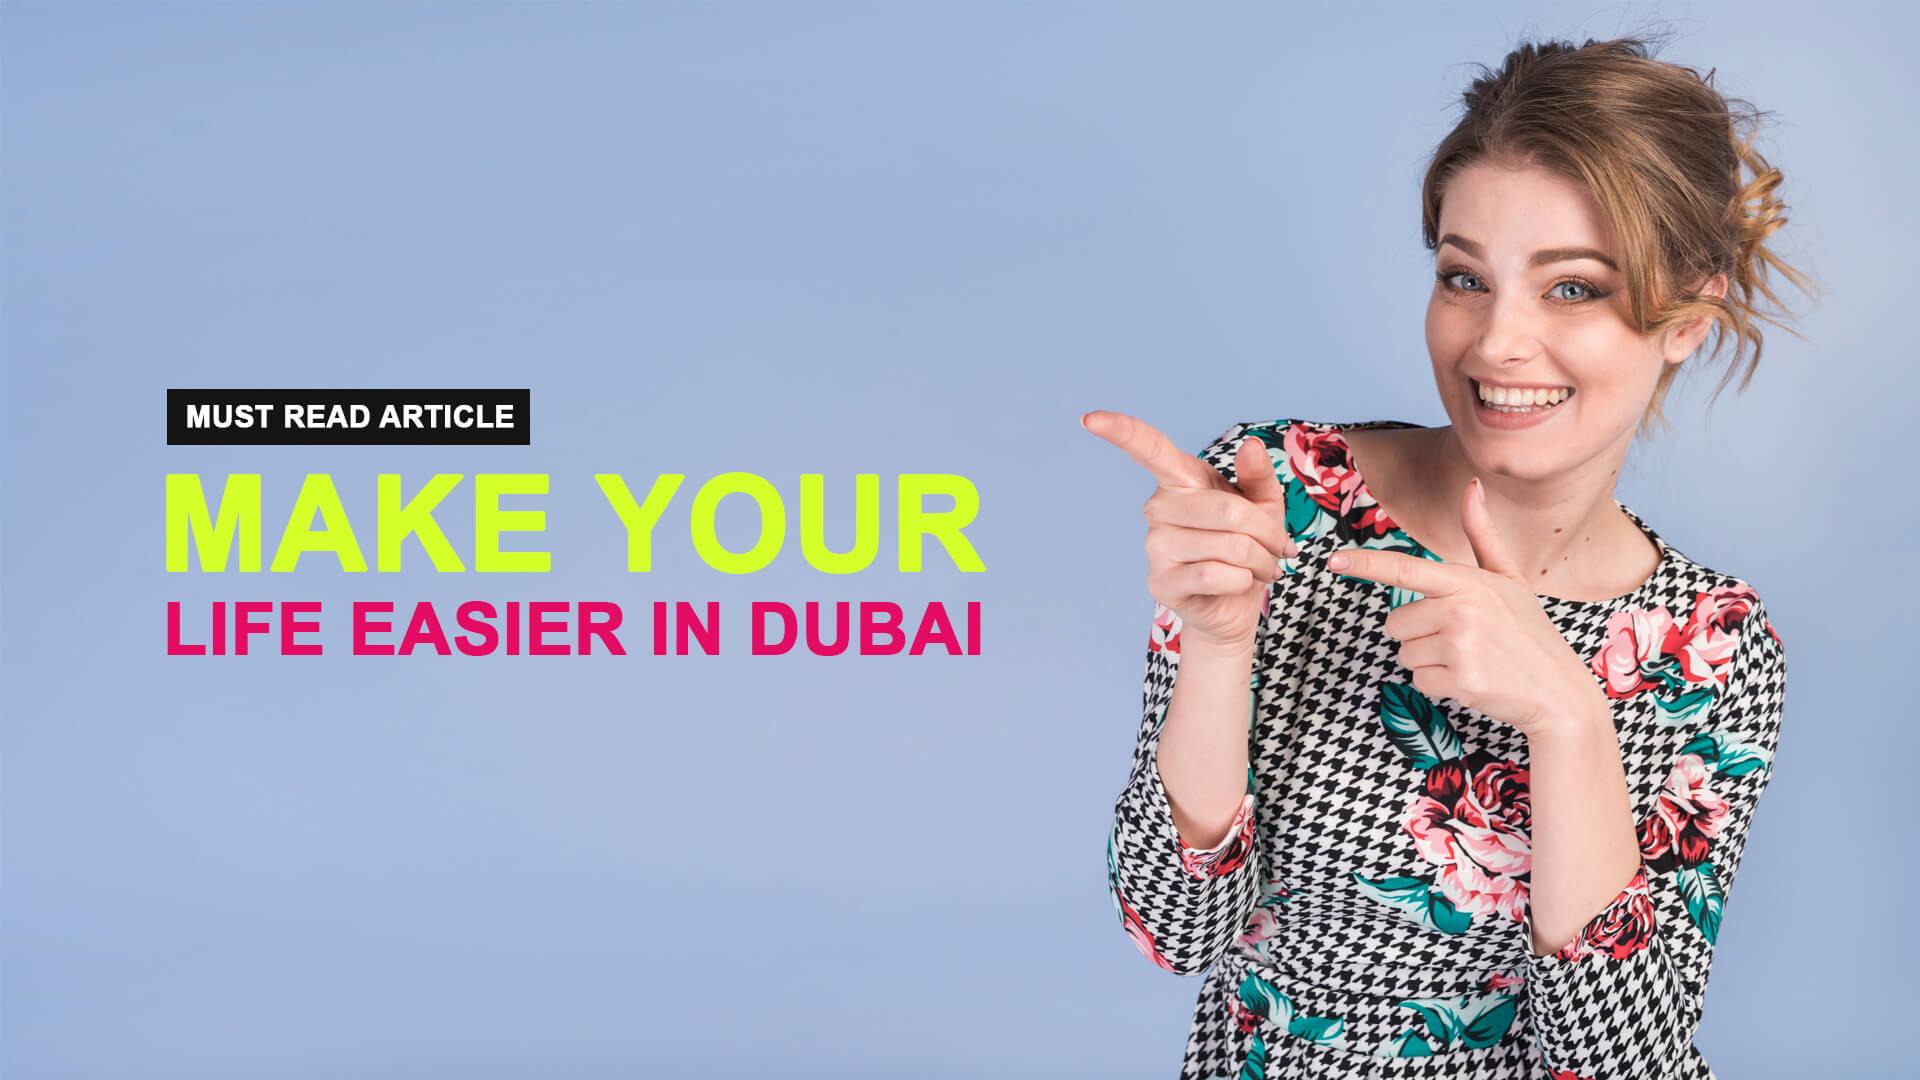 Make Your Life Easier in Dubai